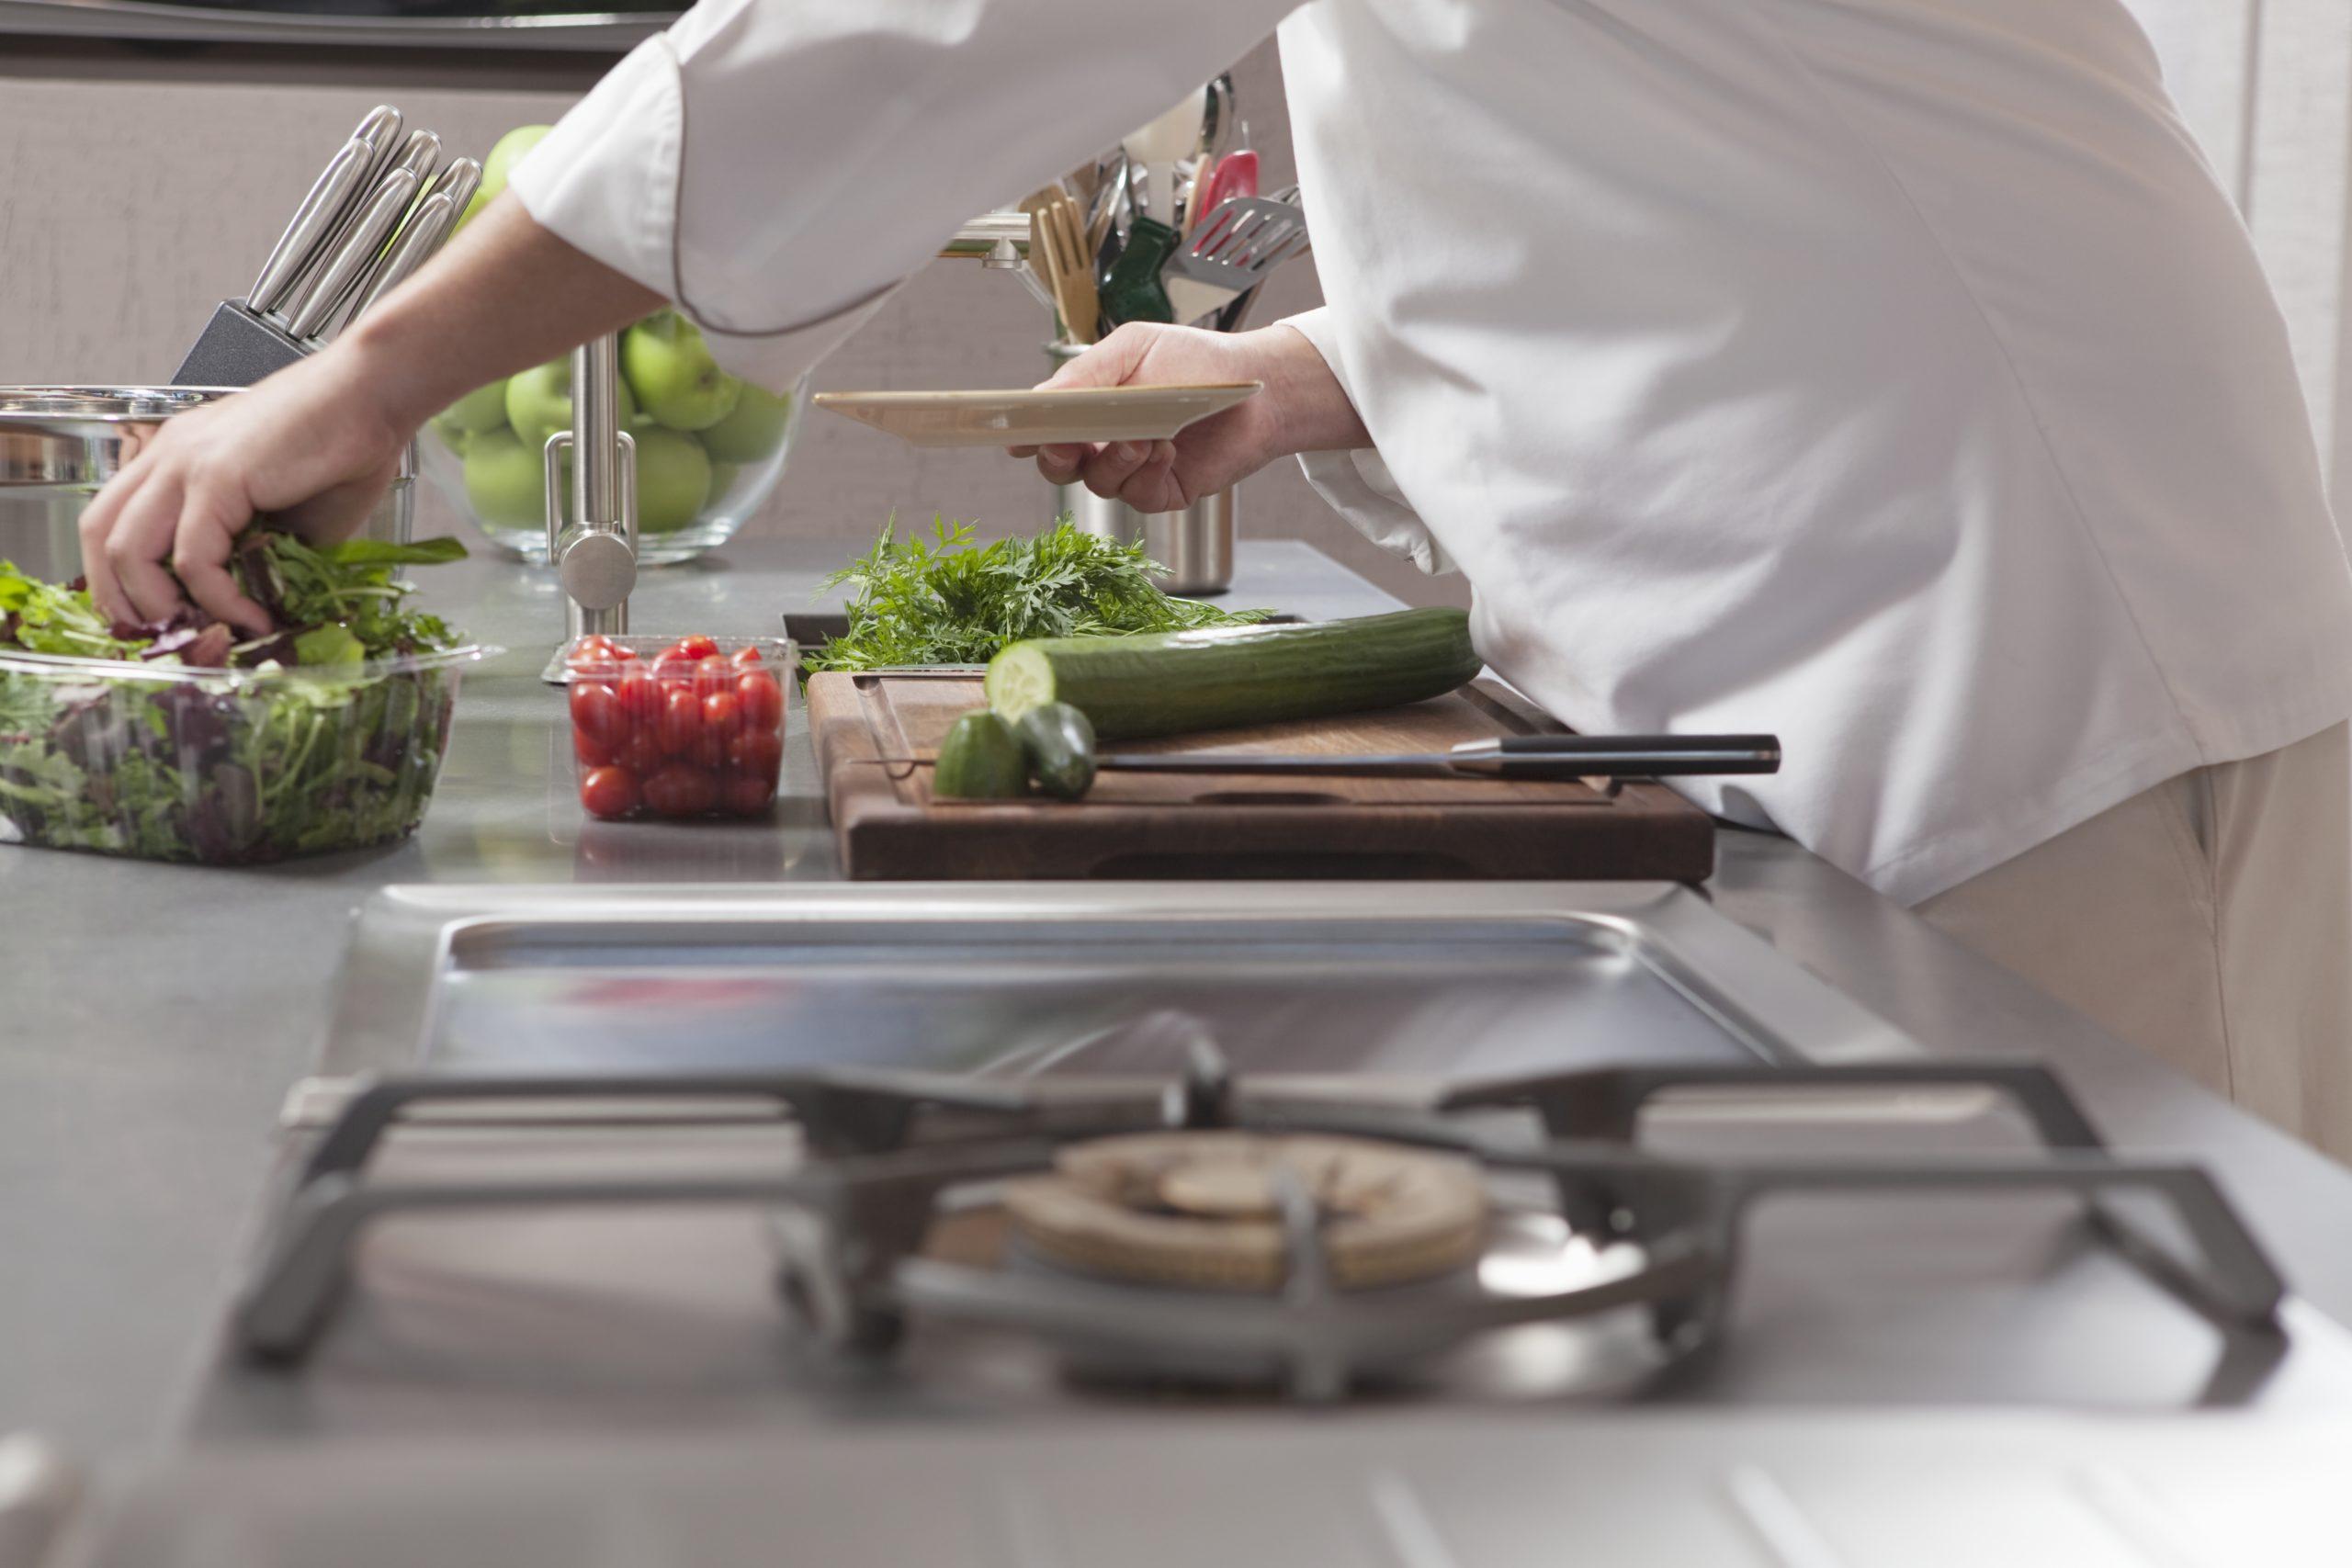 urządzenia gastronopmiczne w pracy kucharza